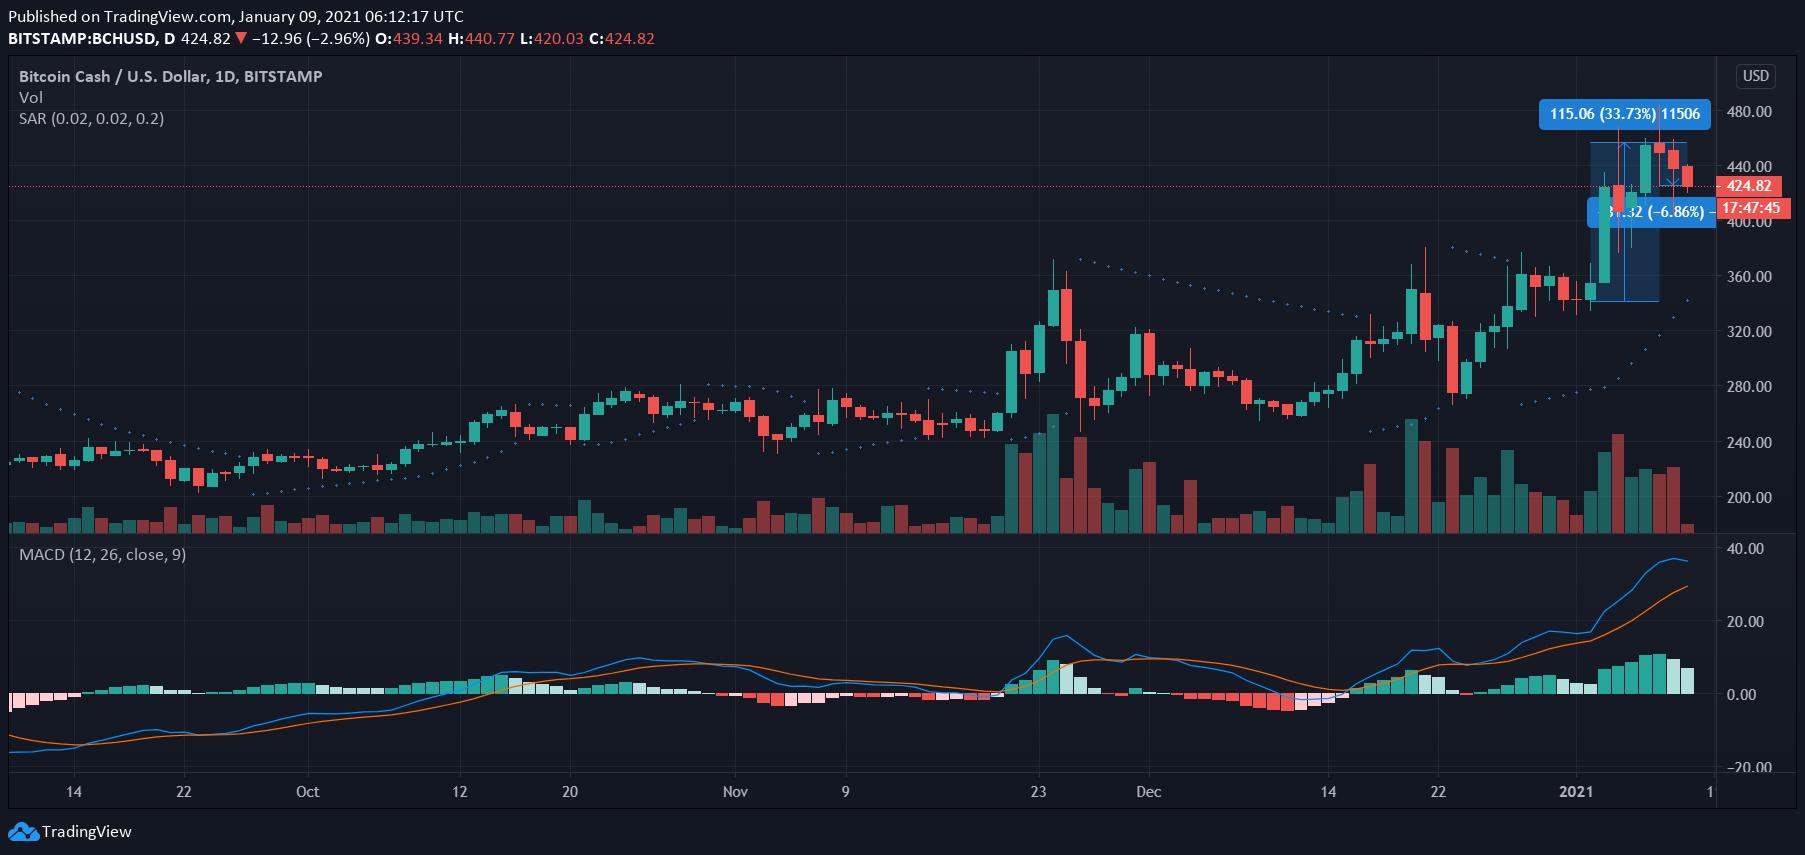 Bitcoin Cash, Polkadot, Análisis de precios DASH: 09 de enero